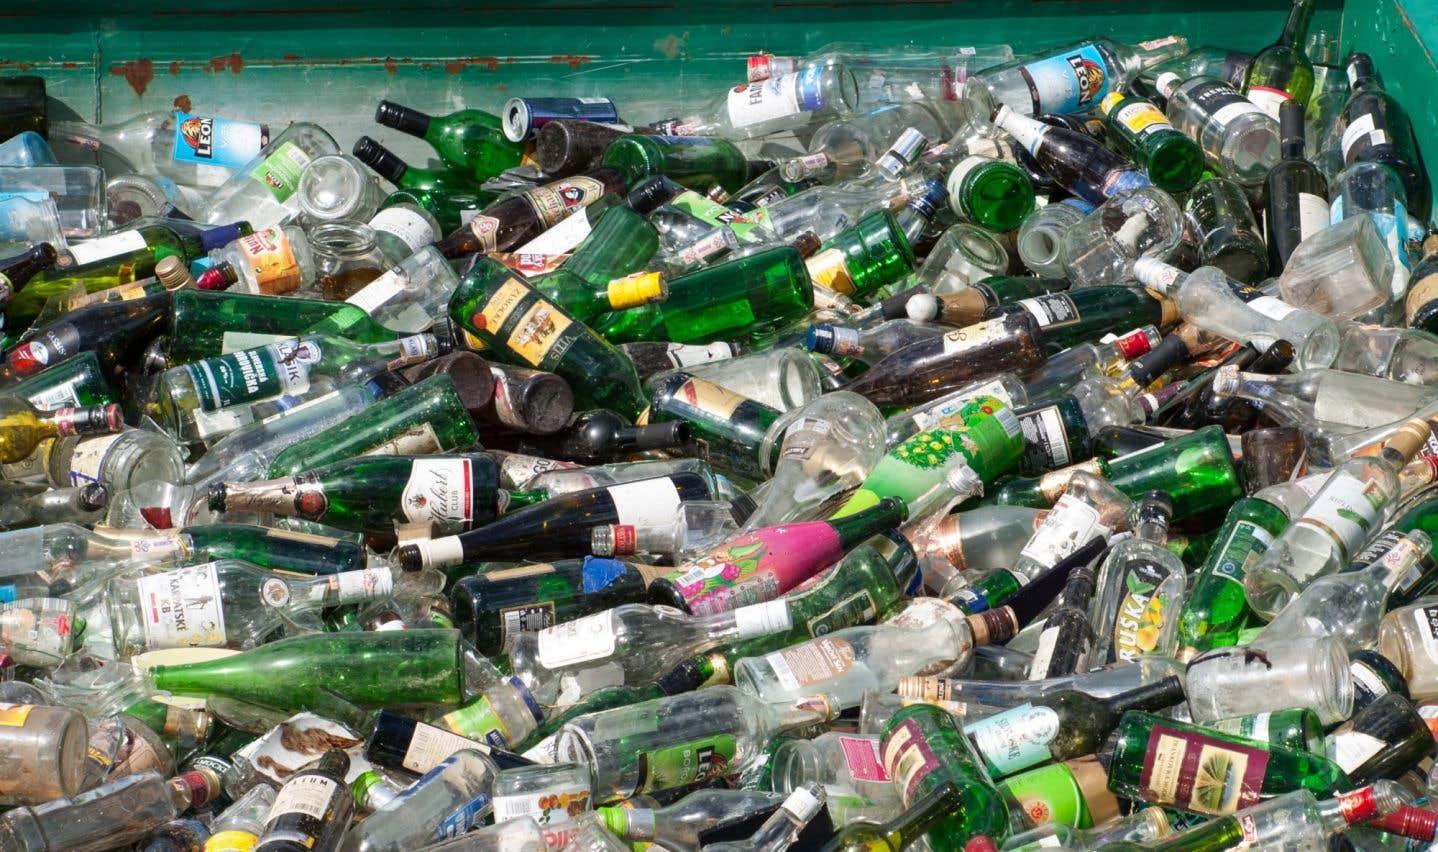 Recyclage du verre: une affaire réglée?